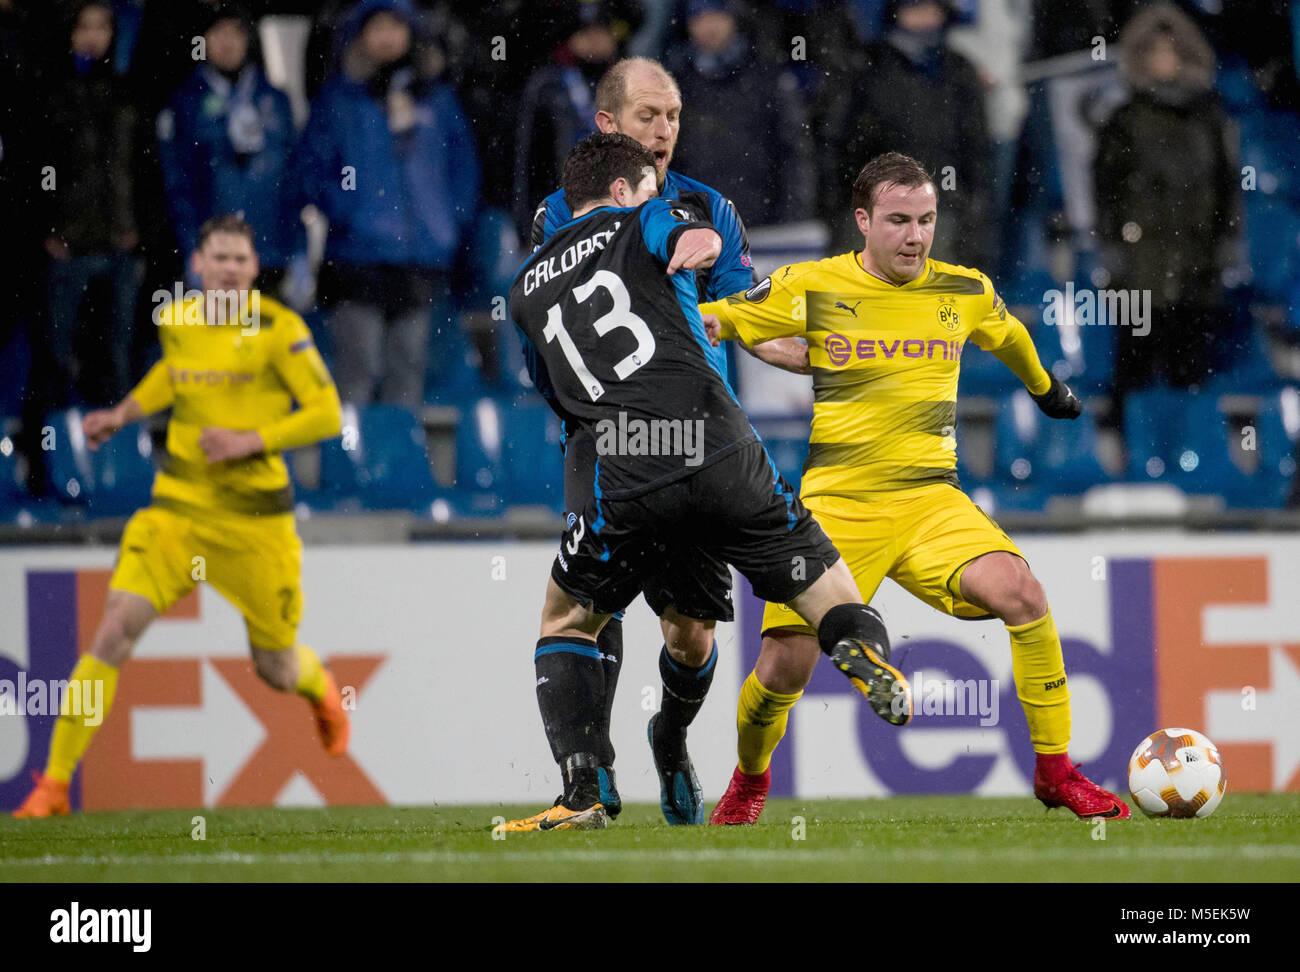 22 February 2018, Italy, Bergamo: Soccer, Europa League, Atalanta Bergamo vs. Borussia Dortmund, Round of last 32: - Stock Image